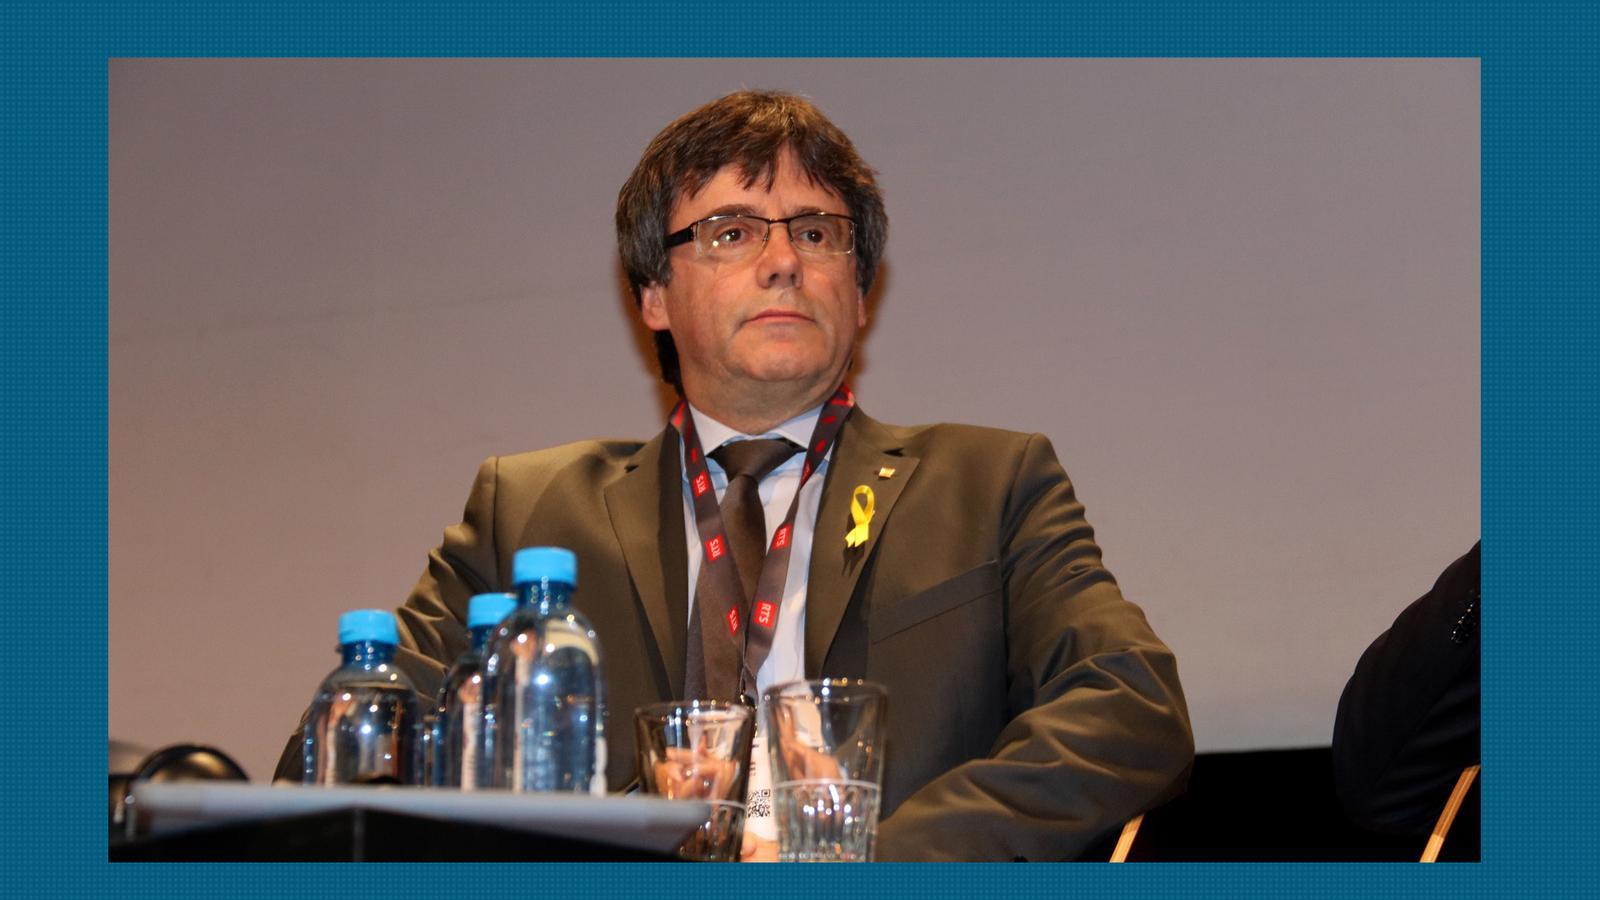 L'anàlisi d'Antoni Bassas: 'Fer Govern tres mesos després del 21-D'